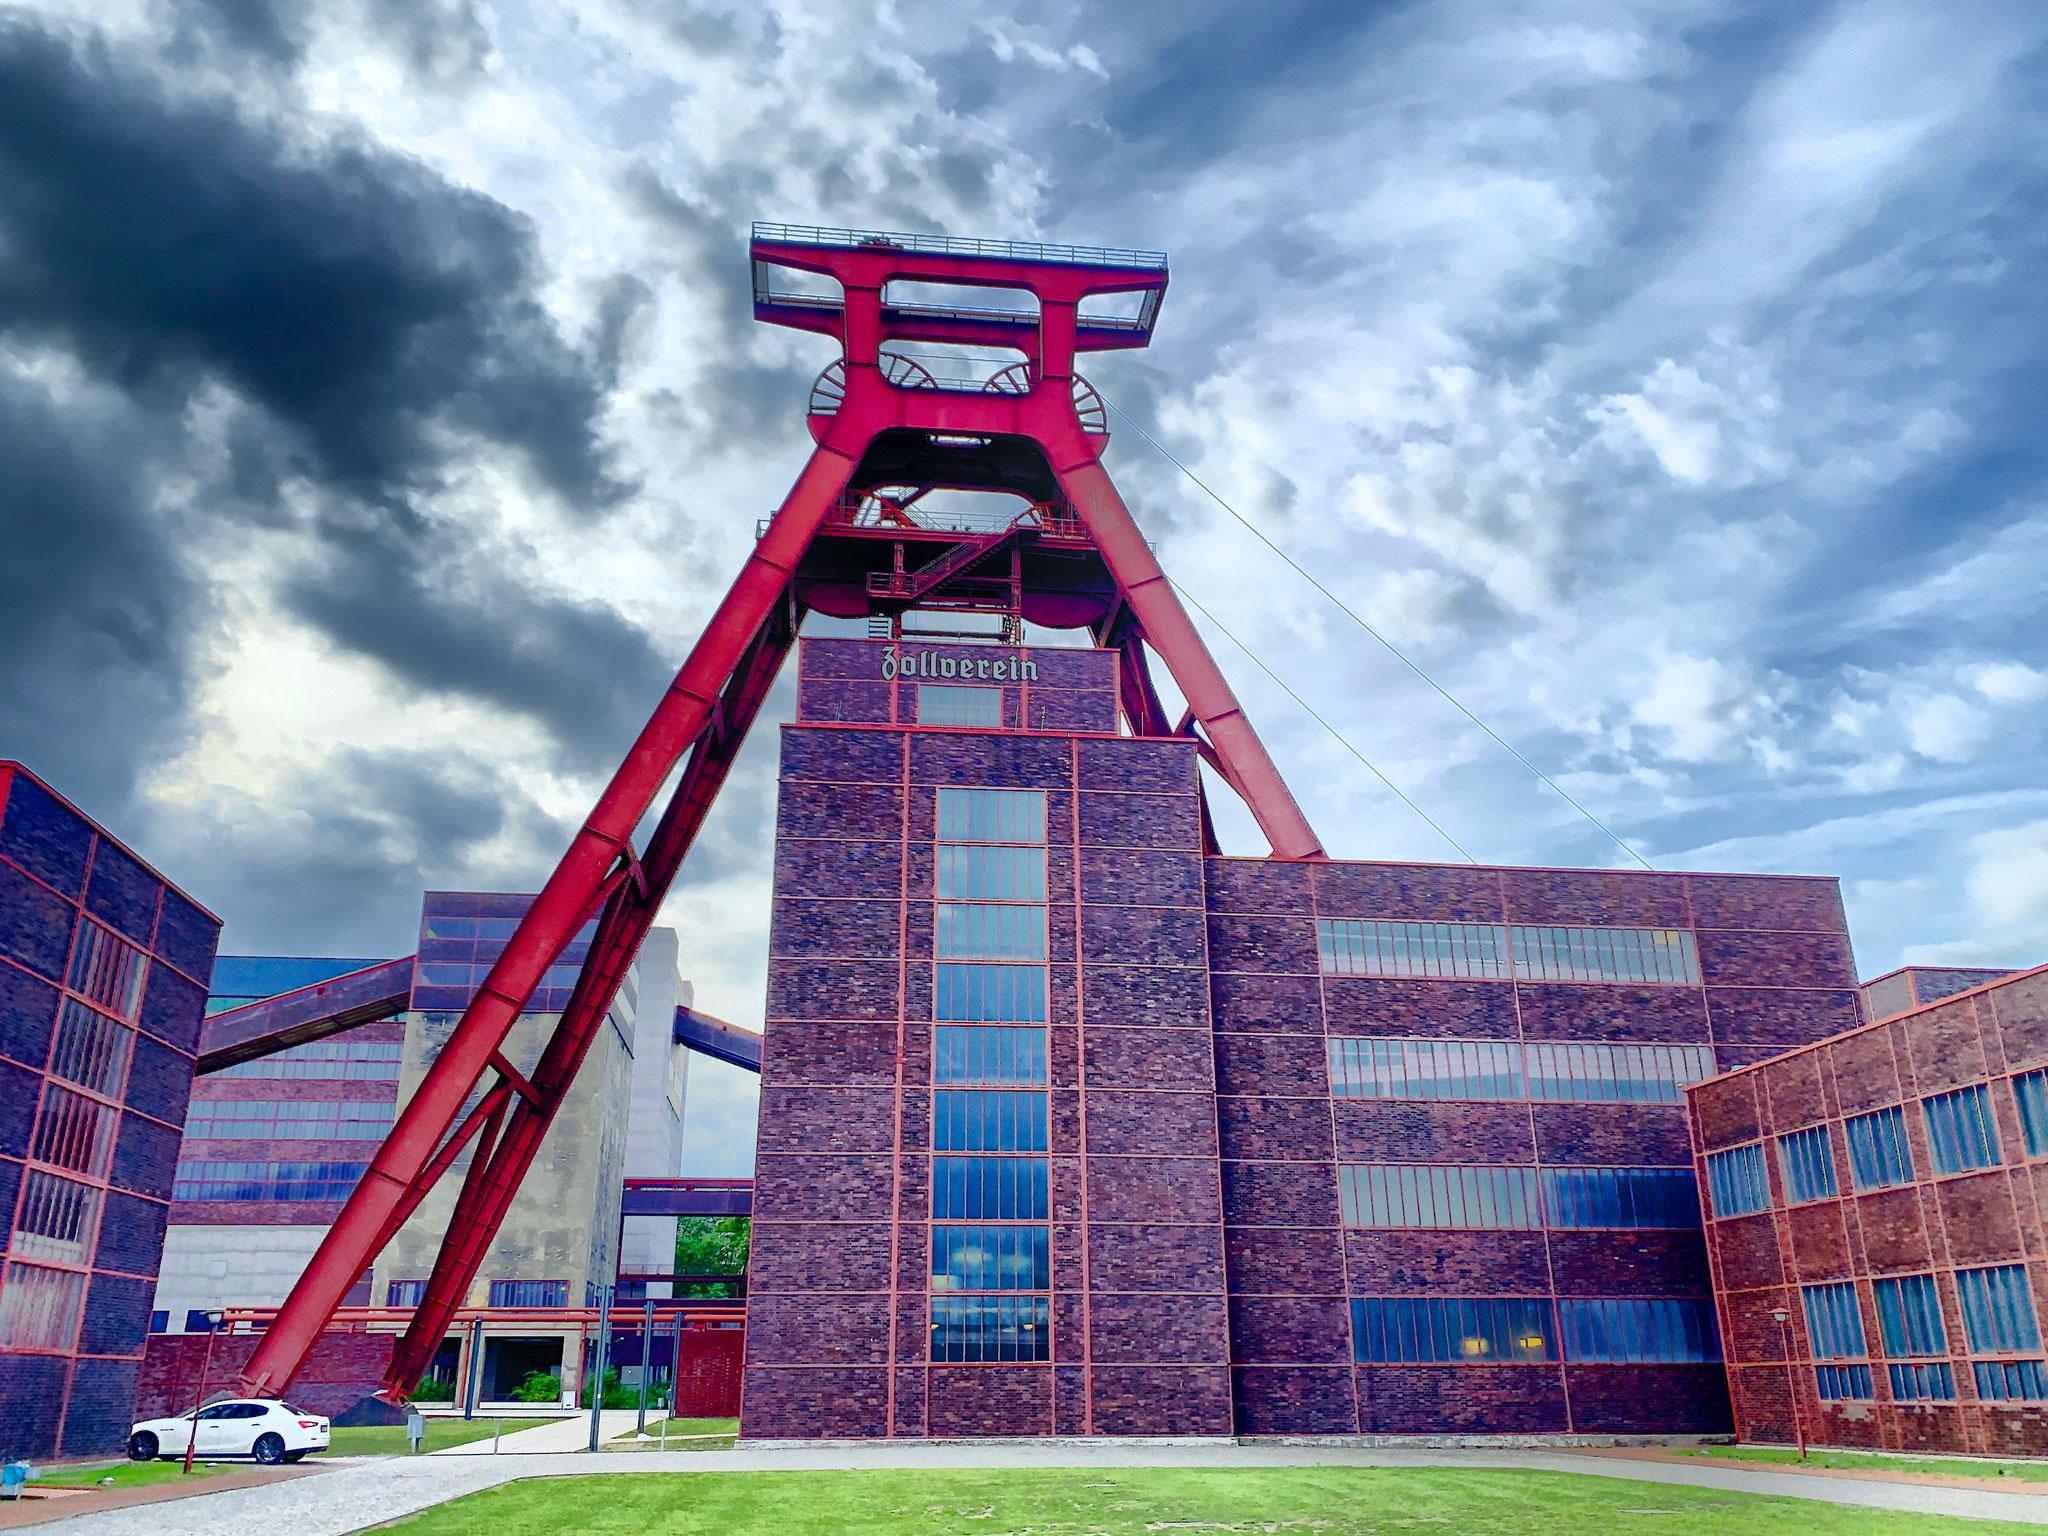 Förderturm von Zeche Zollverein, das Ruhrmuseum ist auch auf diesem Gelände